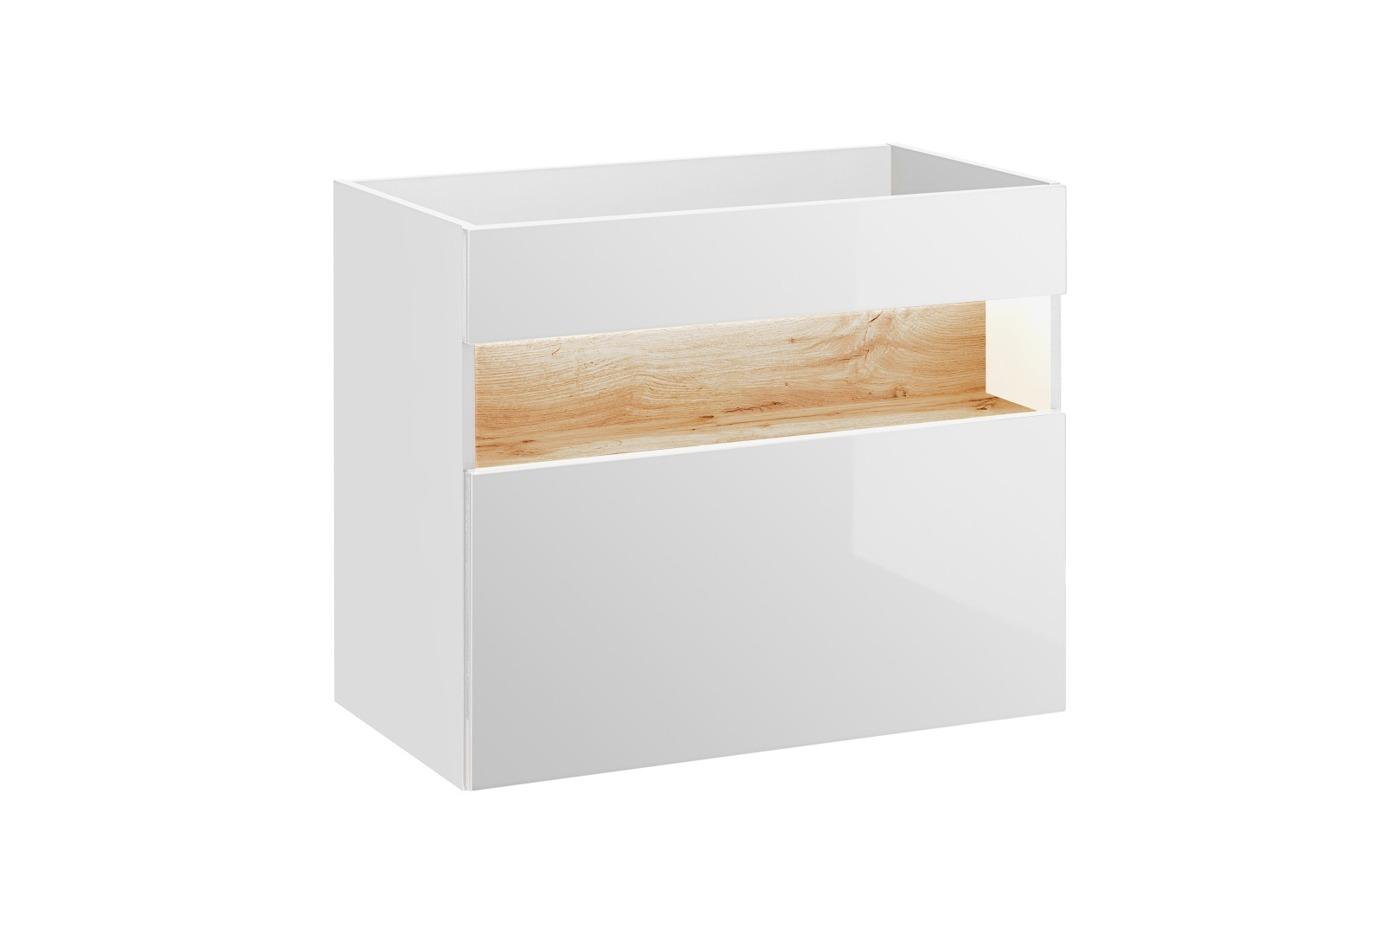 ArtCom Kúpeľňová zostava BAHAMA / white Bahama: skrinka pod umývadlo 80 cm - 821 | 67 x 80 x 46 cm